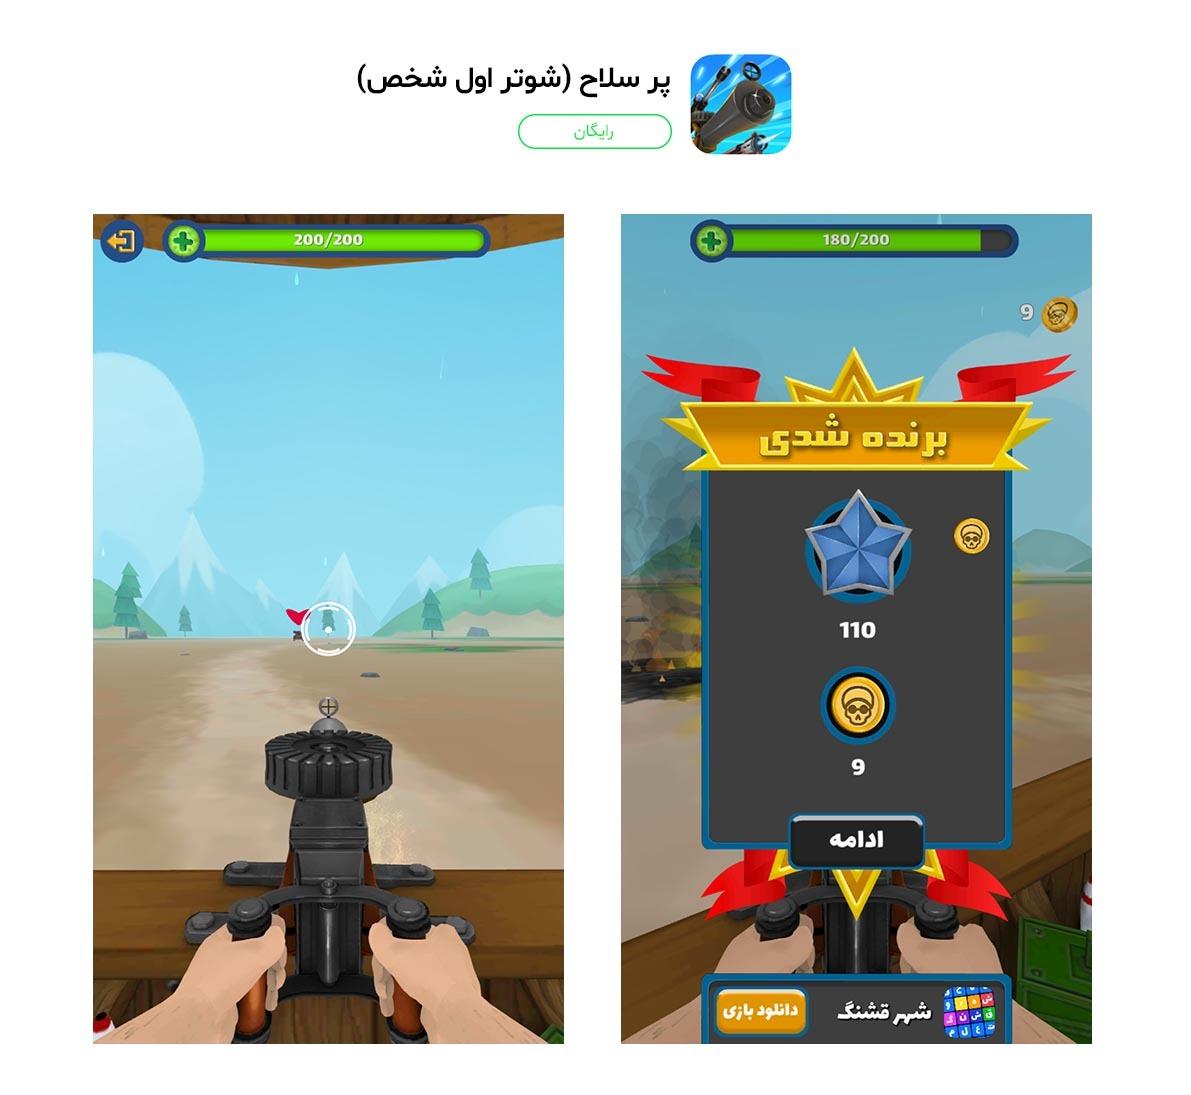 بازی پر سلاح   چیکاو